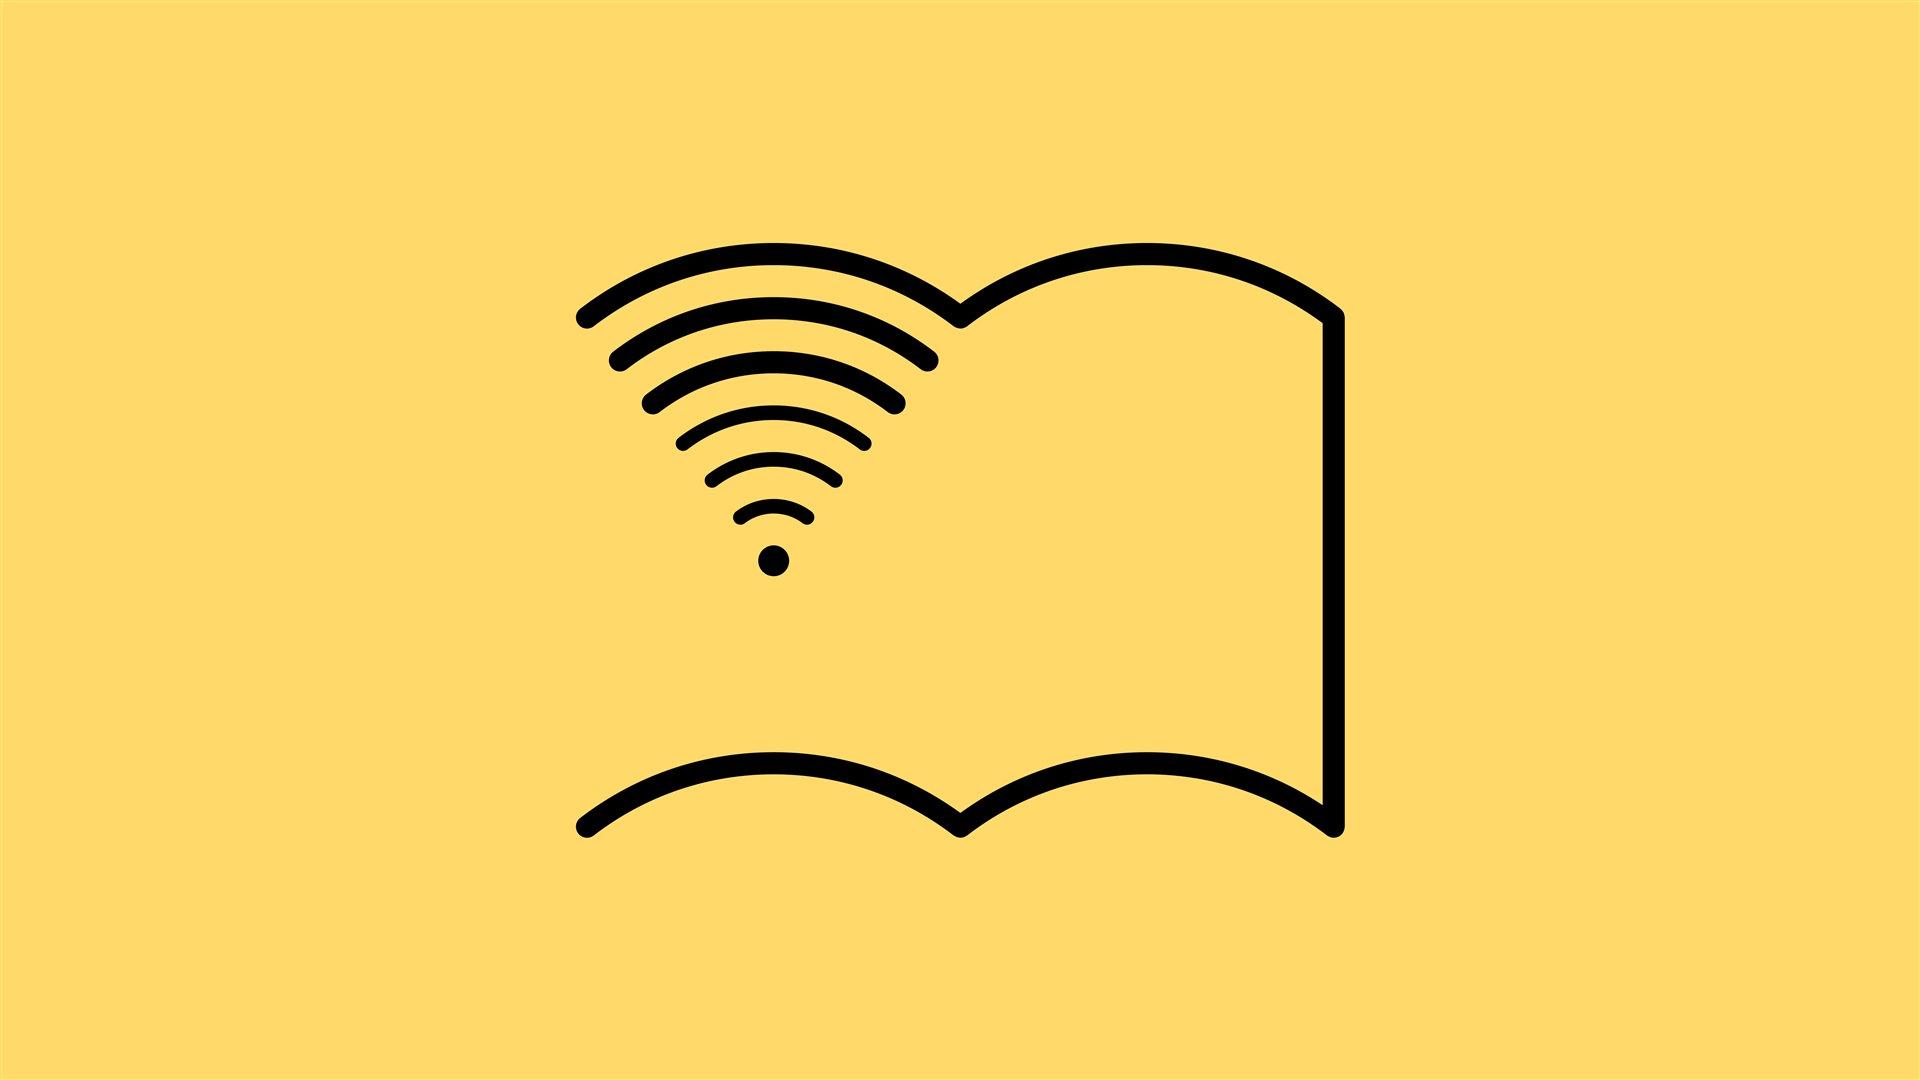 E-book, audiolibros, mercado editorial: la evolución del libro en la era de las nuevas tecnologías